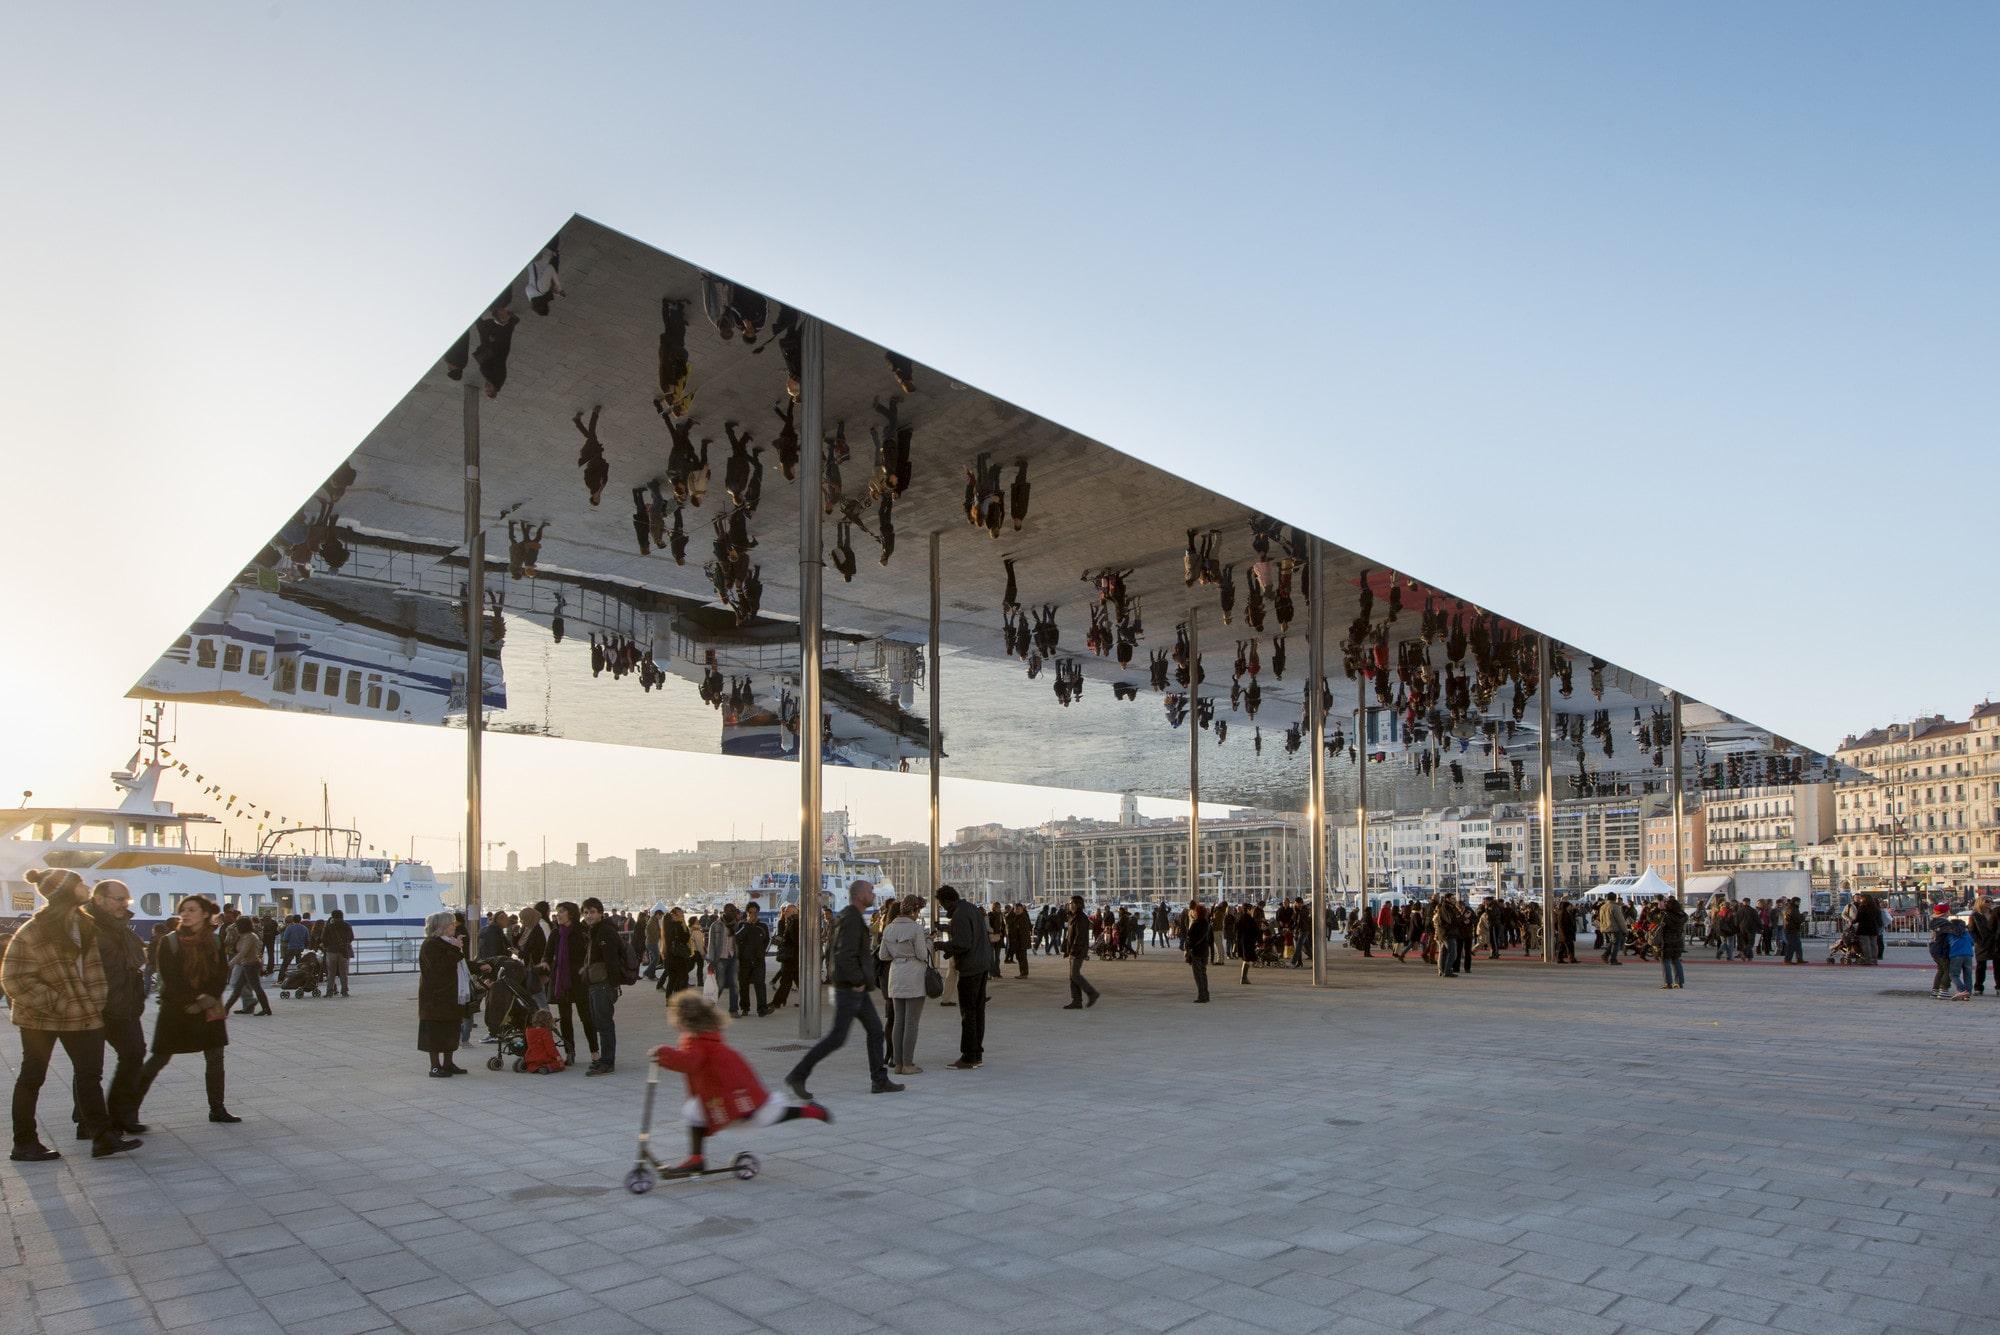 پروژه در فرانسه نورمن فاستر